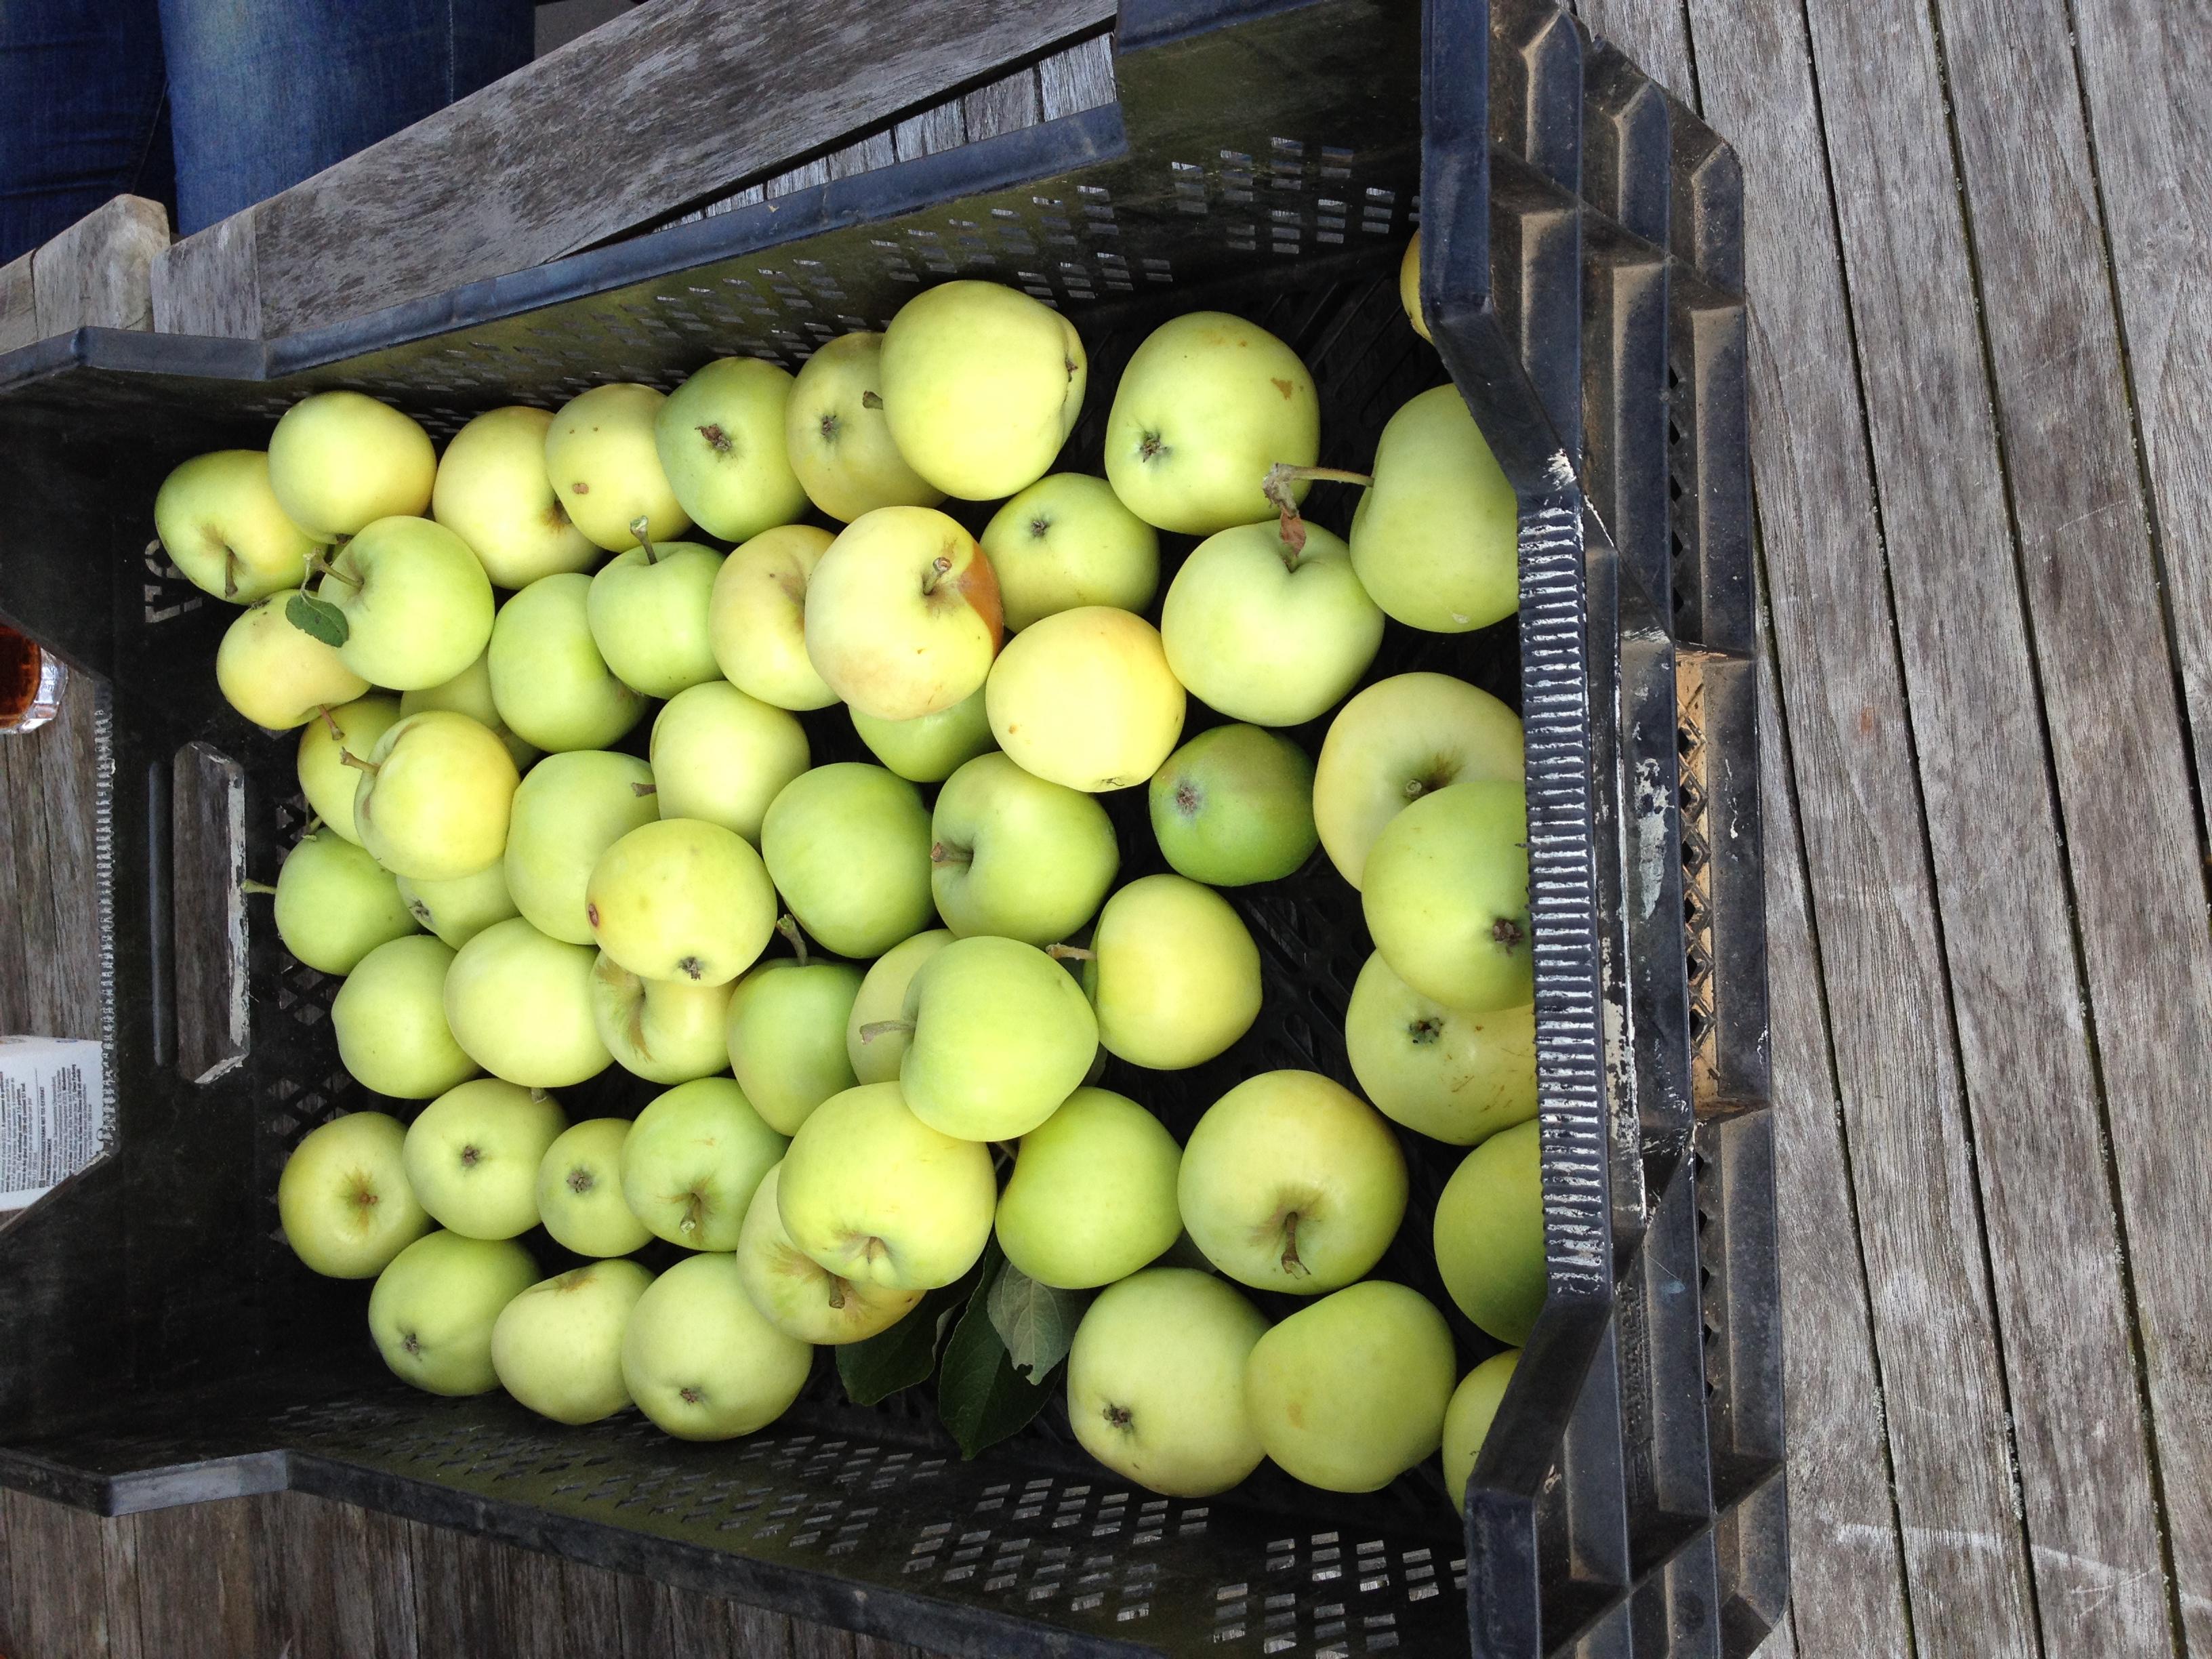 zure appels uit de boom van de buurvrouw.